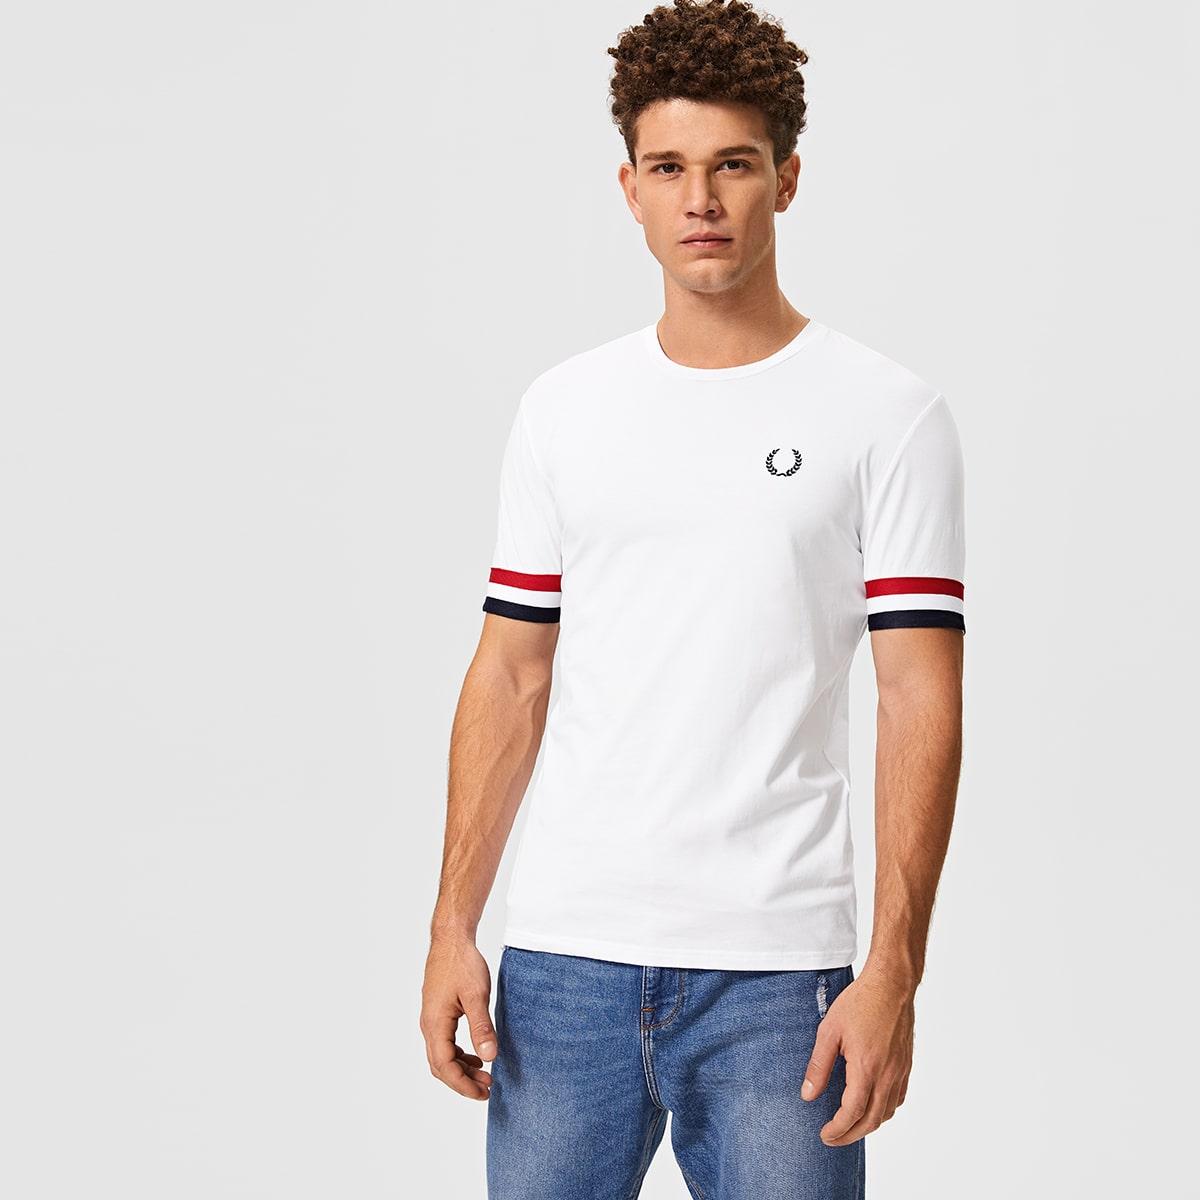 Мужская футболка с выышивкой и полосками